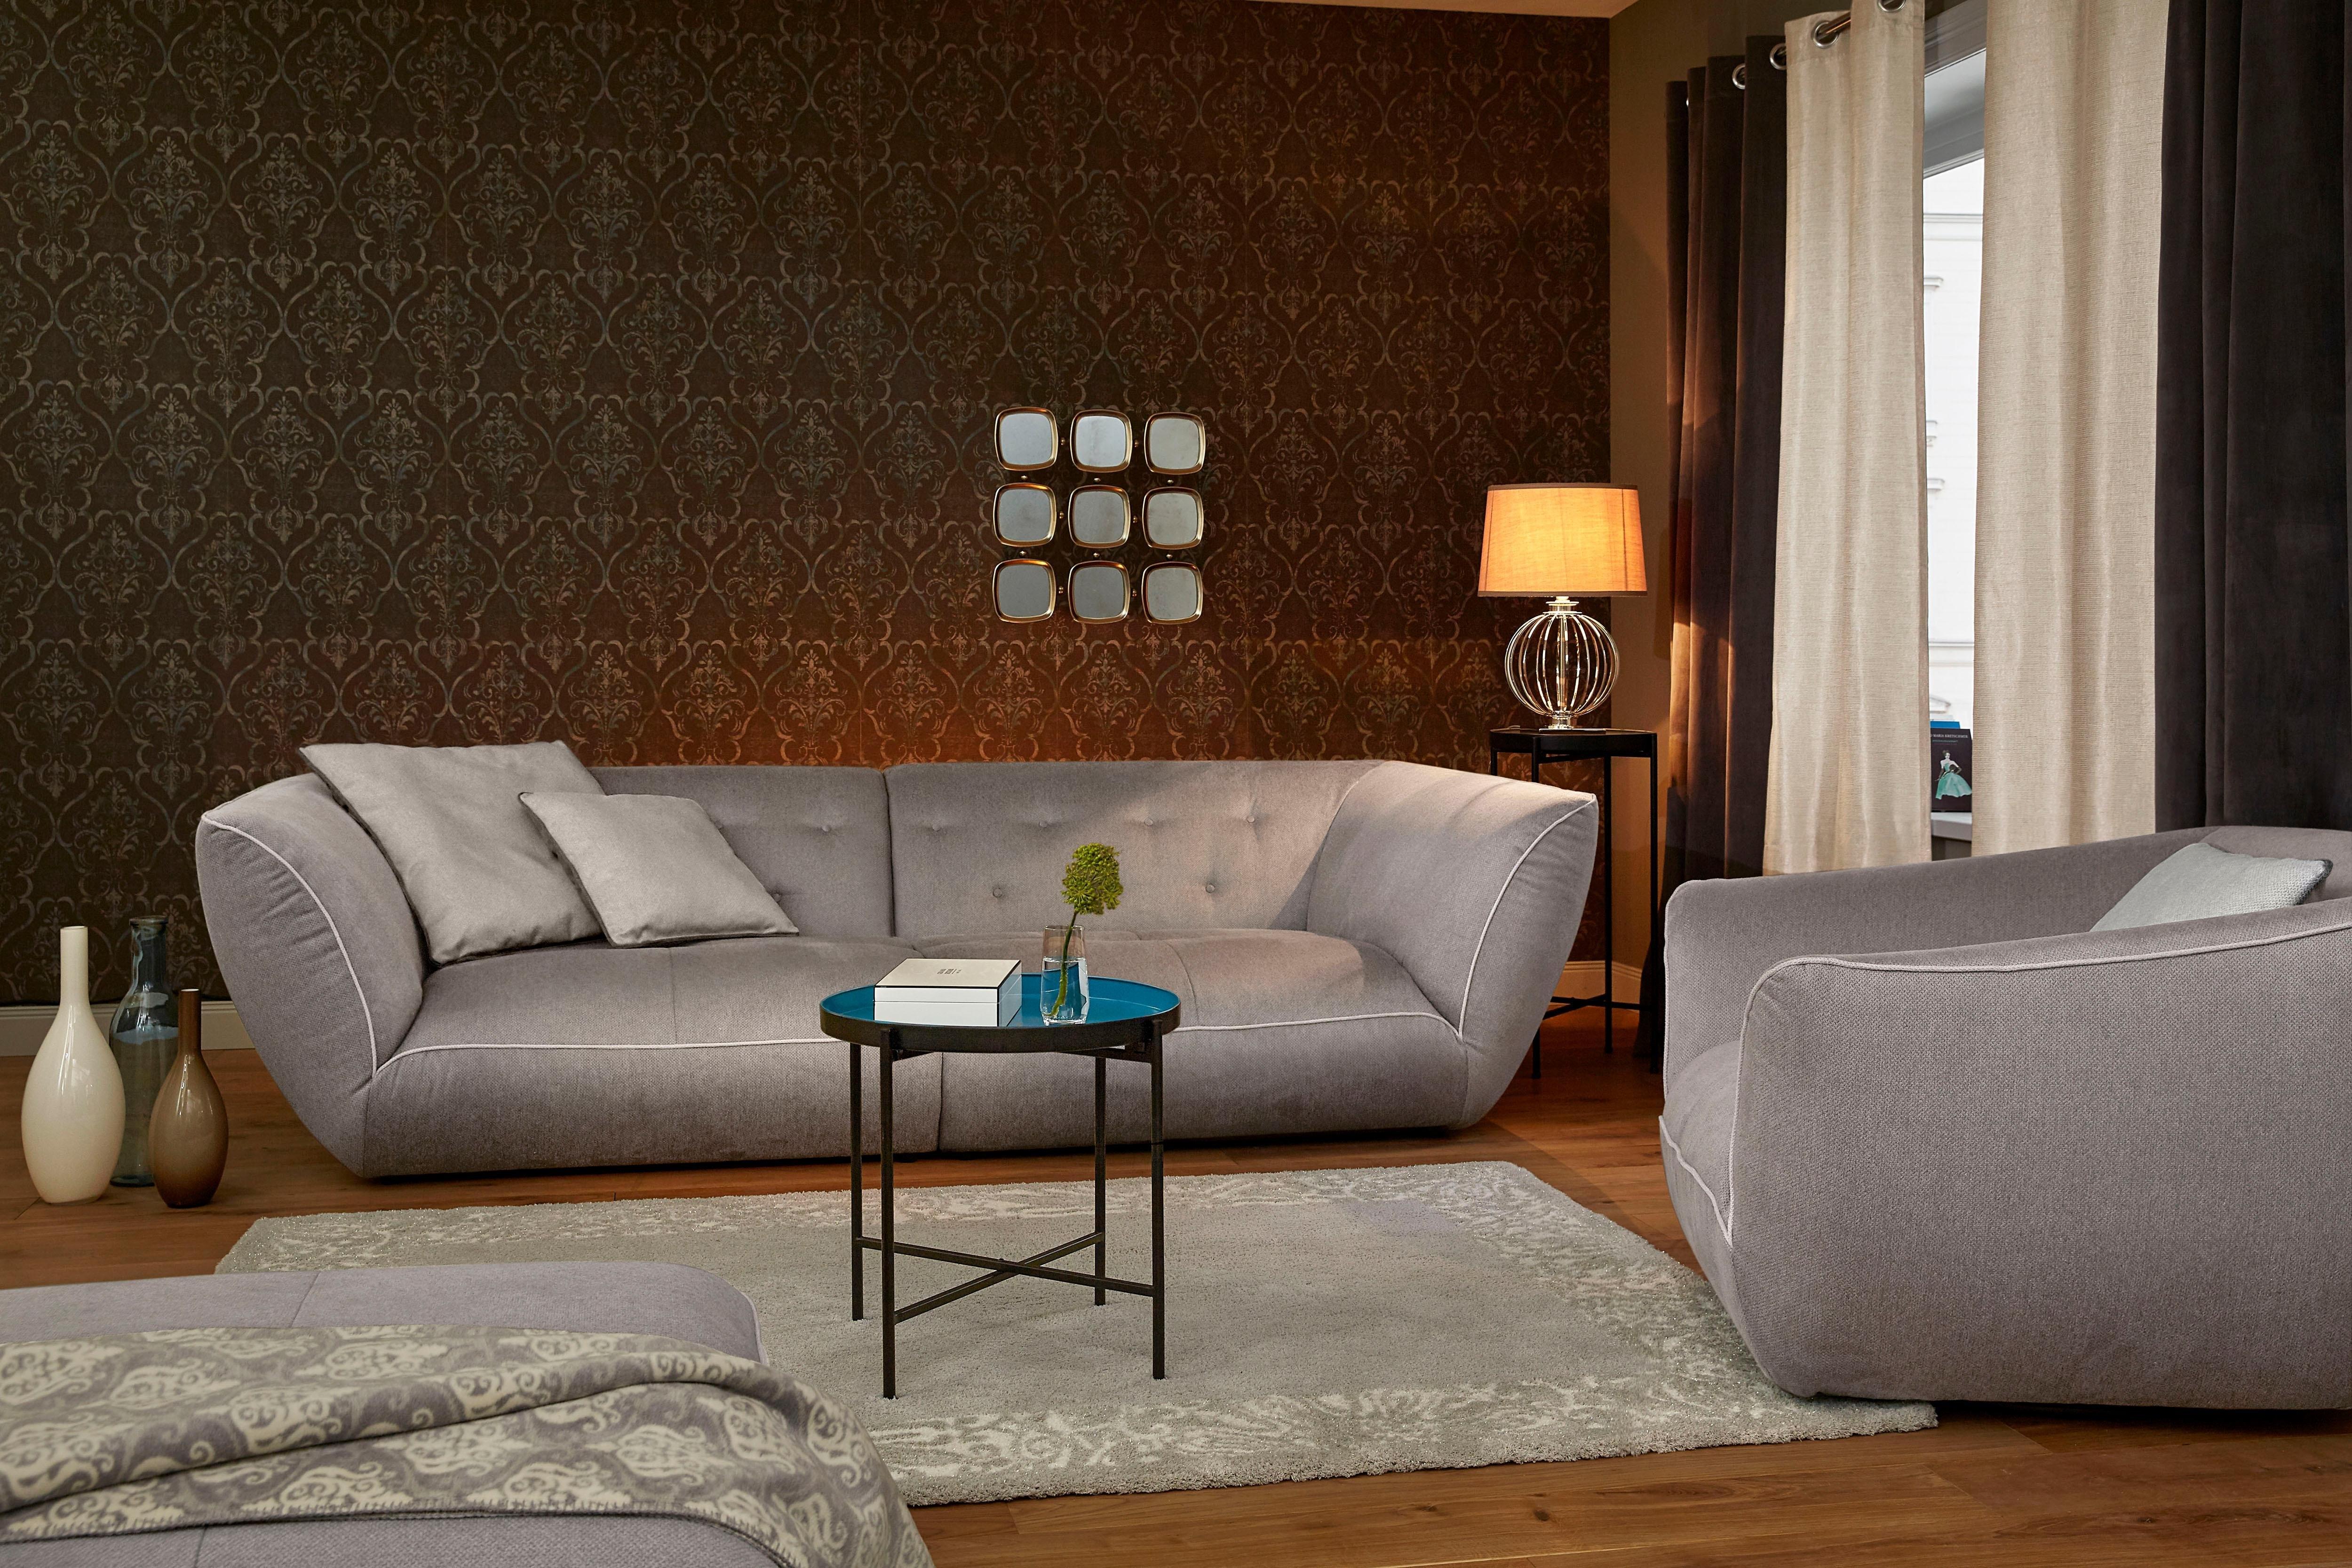 gordijn gmk home living glow zeilringen set van 2 online verkrijgbaar otto. Black Bedroom Furniture Sets. Home Design Ideas